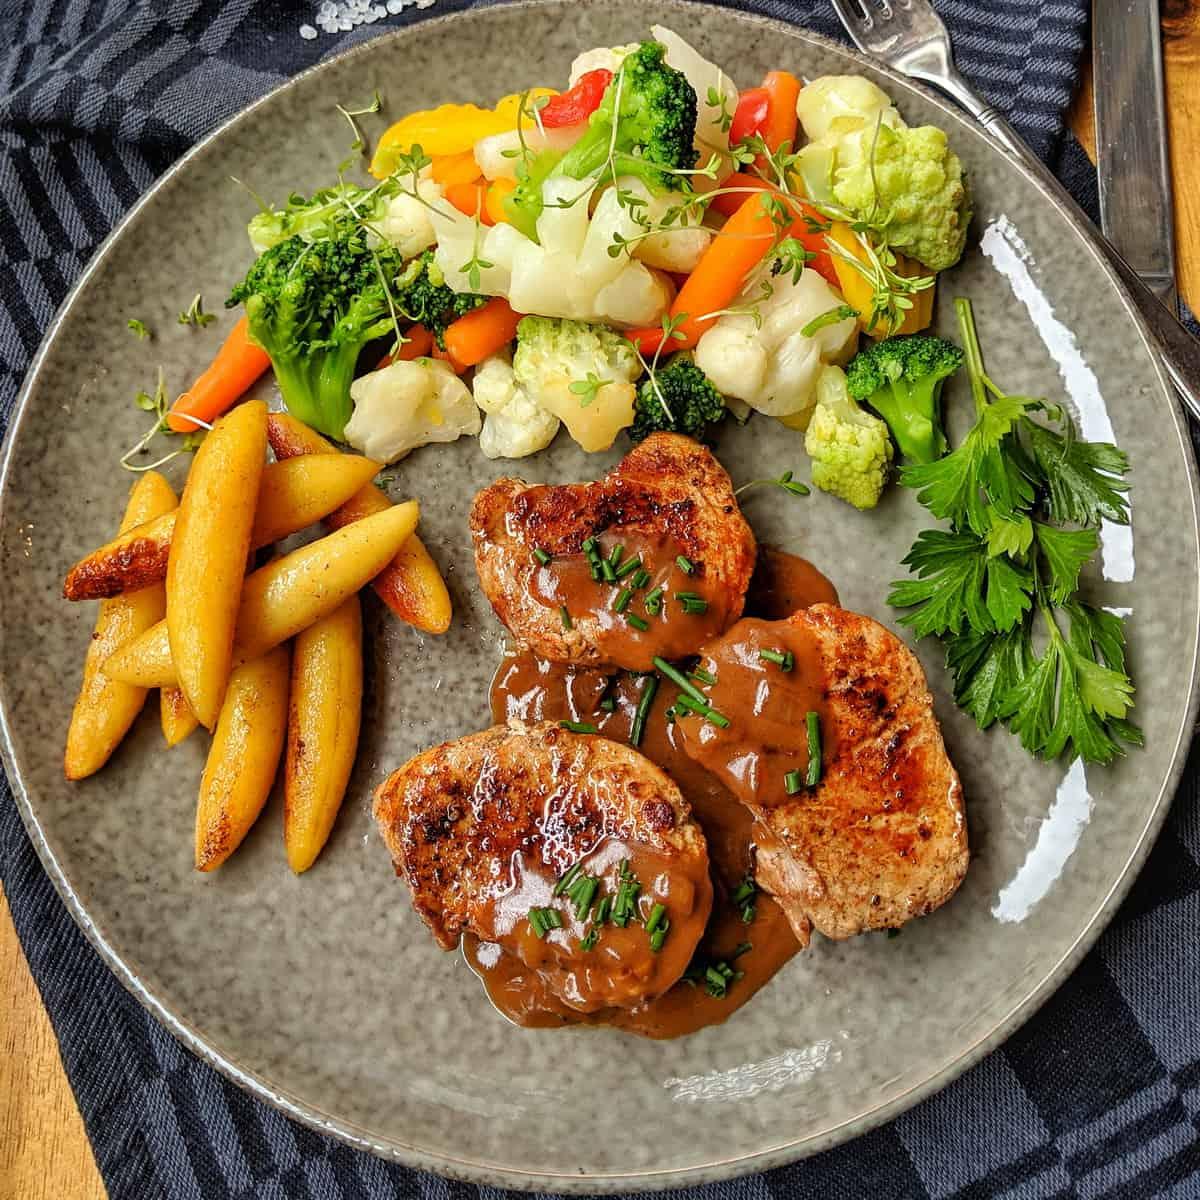 Ein dunkler Teller mit Schweinelende in Pfefferrahm mit Schupfnudeln und buntem Gemüse. Dahinter Deko.